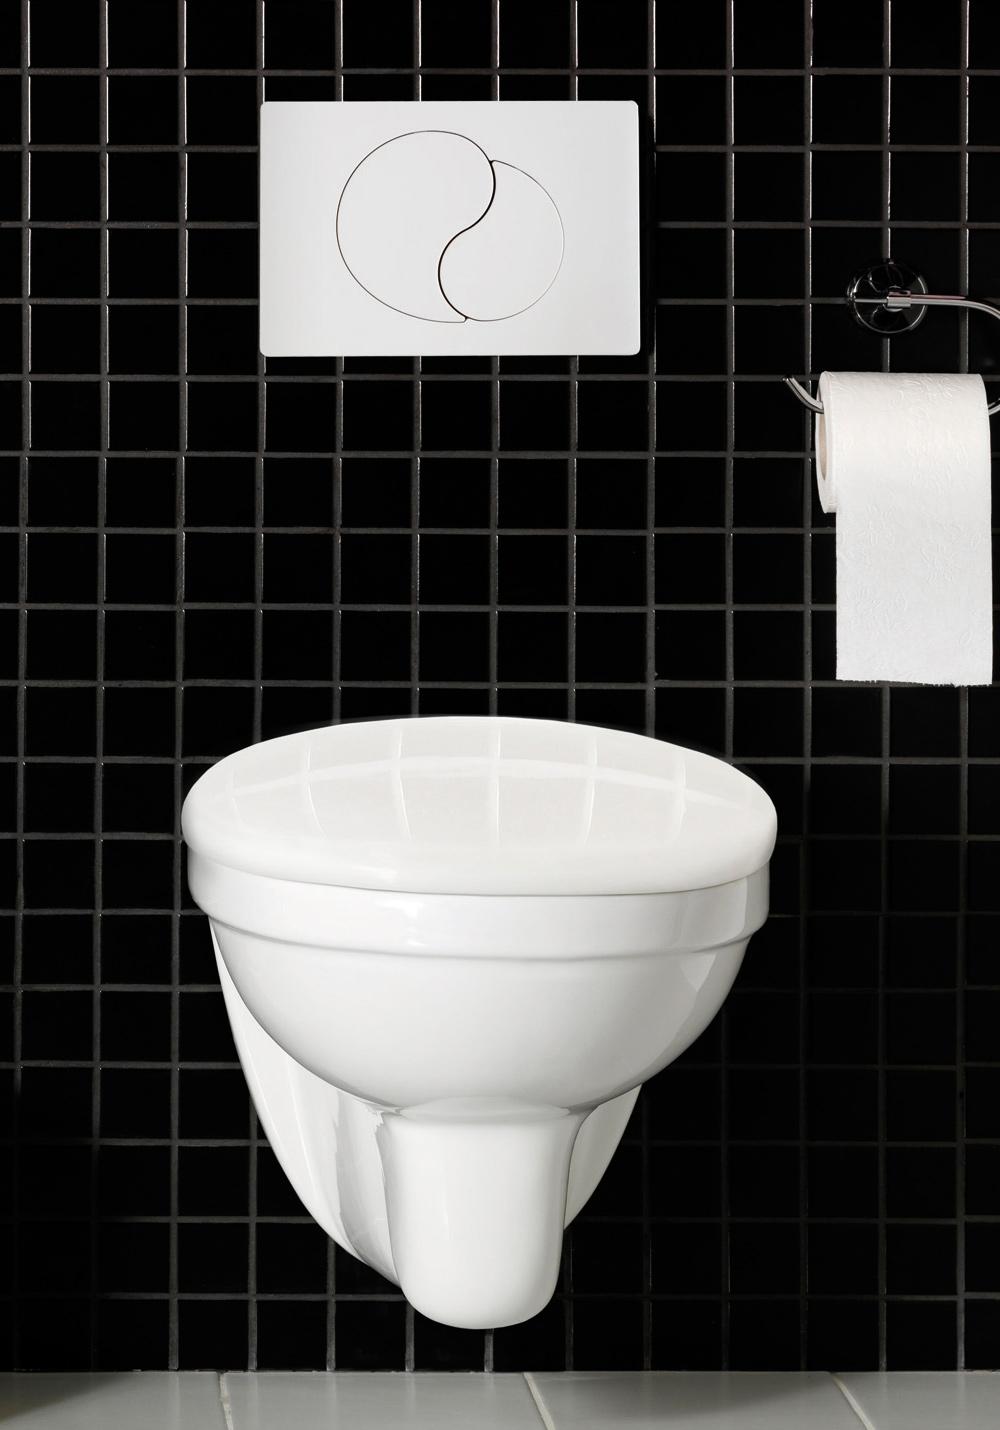 WALL WC F.VEGG-HELT SETT HVIT - Hafa Baderom : hafa toalett : Inredning